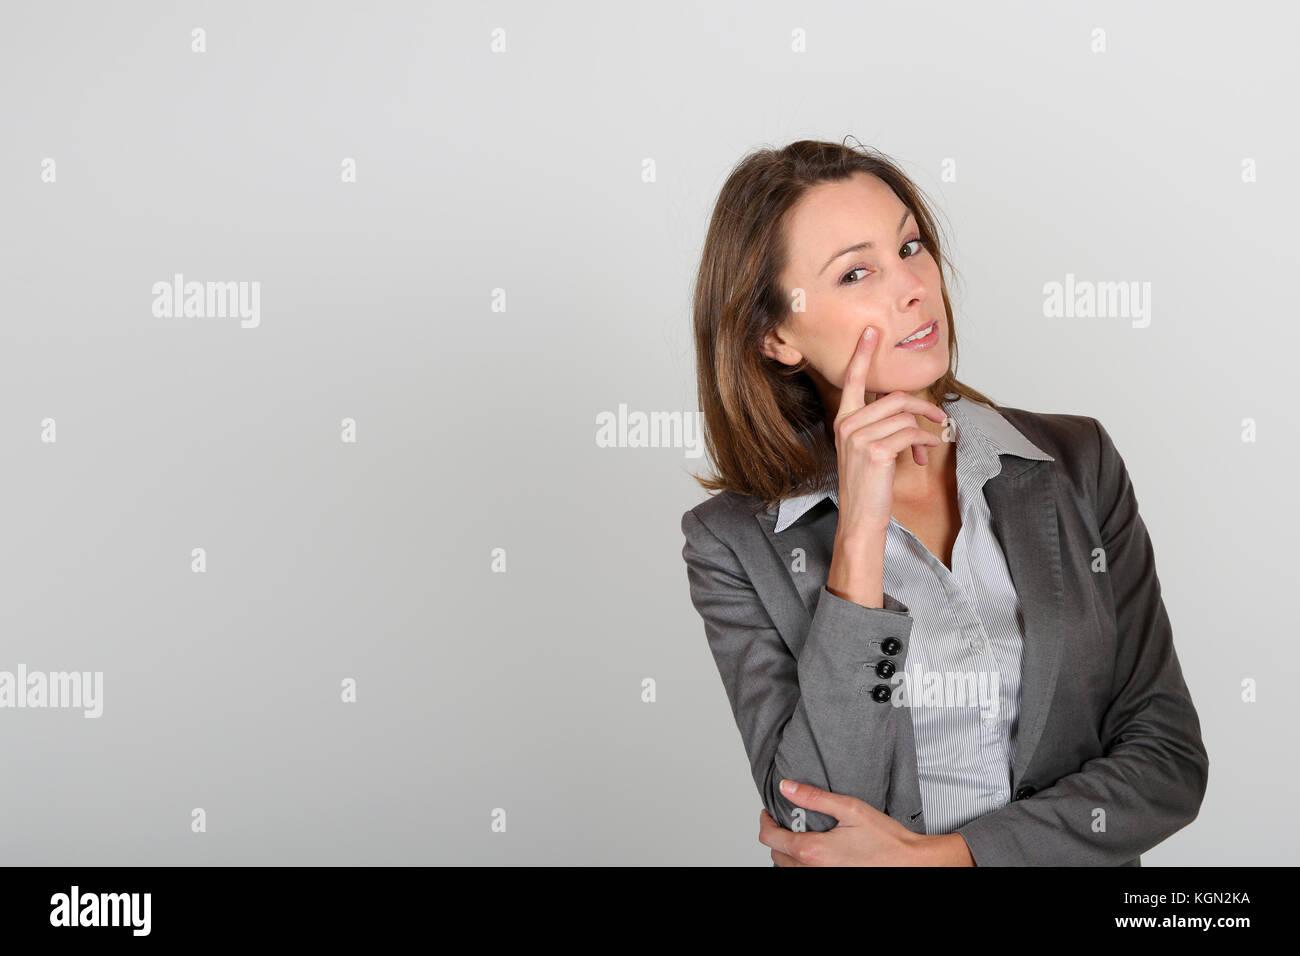 La empresaria con aspecto dudoso Imagen De Stock